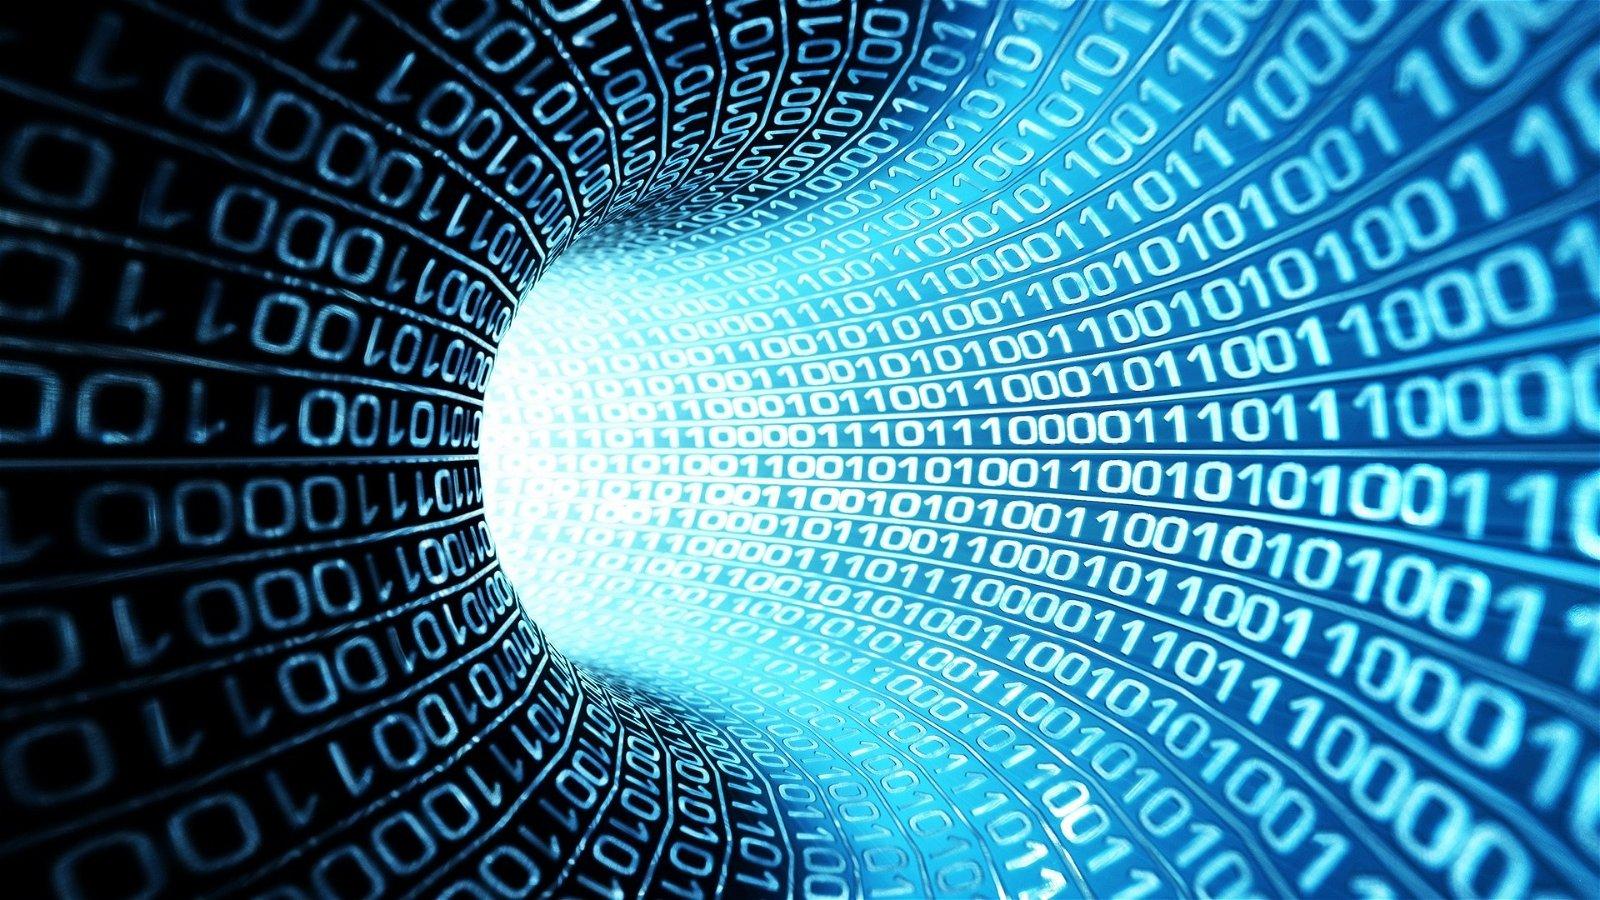 10 tecnicismos tecnológicos explicados para que los entienda todo el mundo